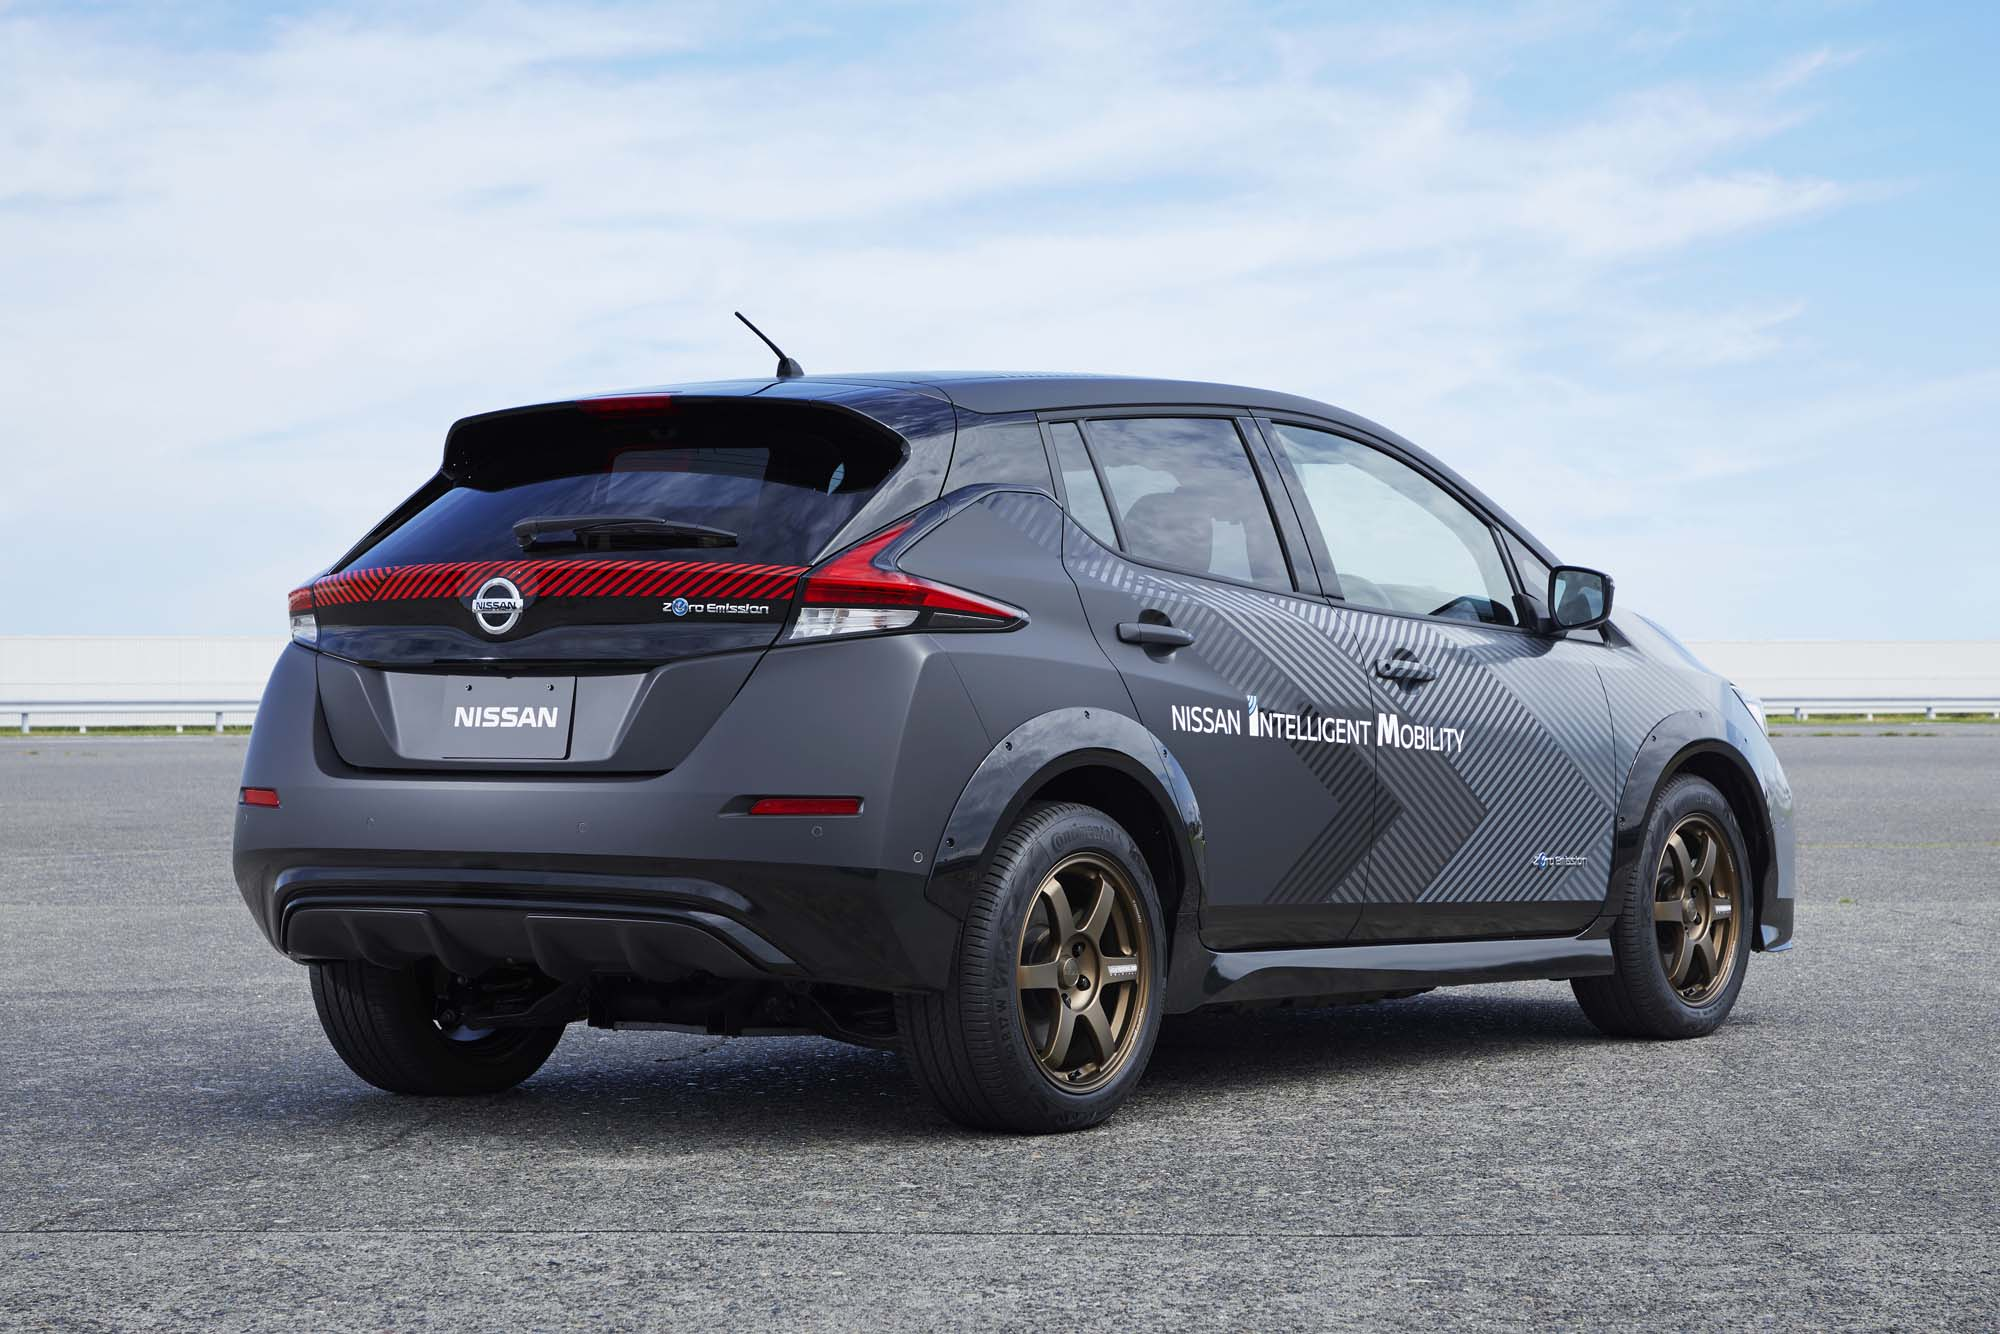 Τεχνολογία διπλού μοτέρ και σύστημα ελέγχου όλων των τροχών δοκιμάζει η Nissan